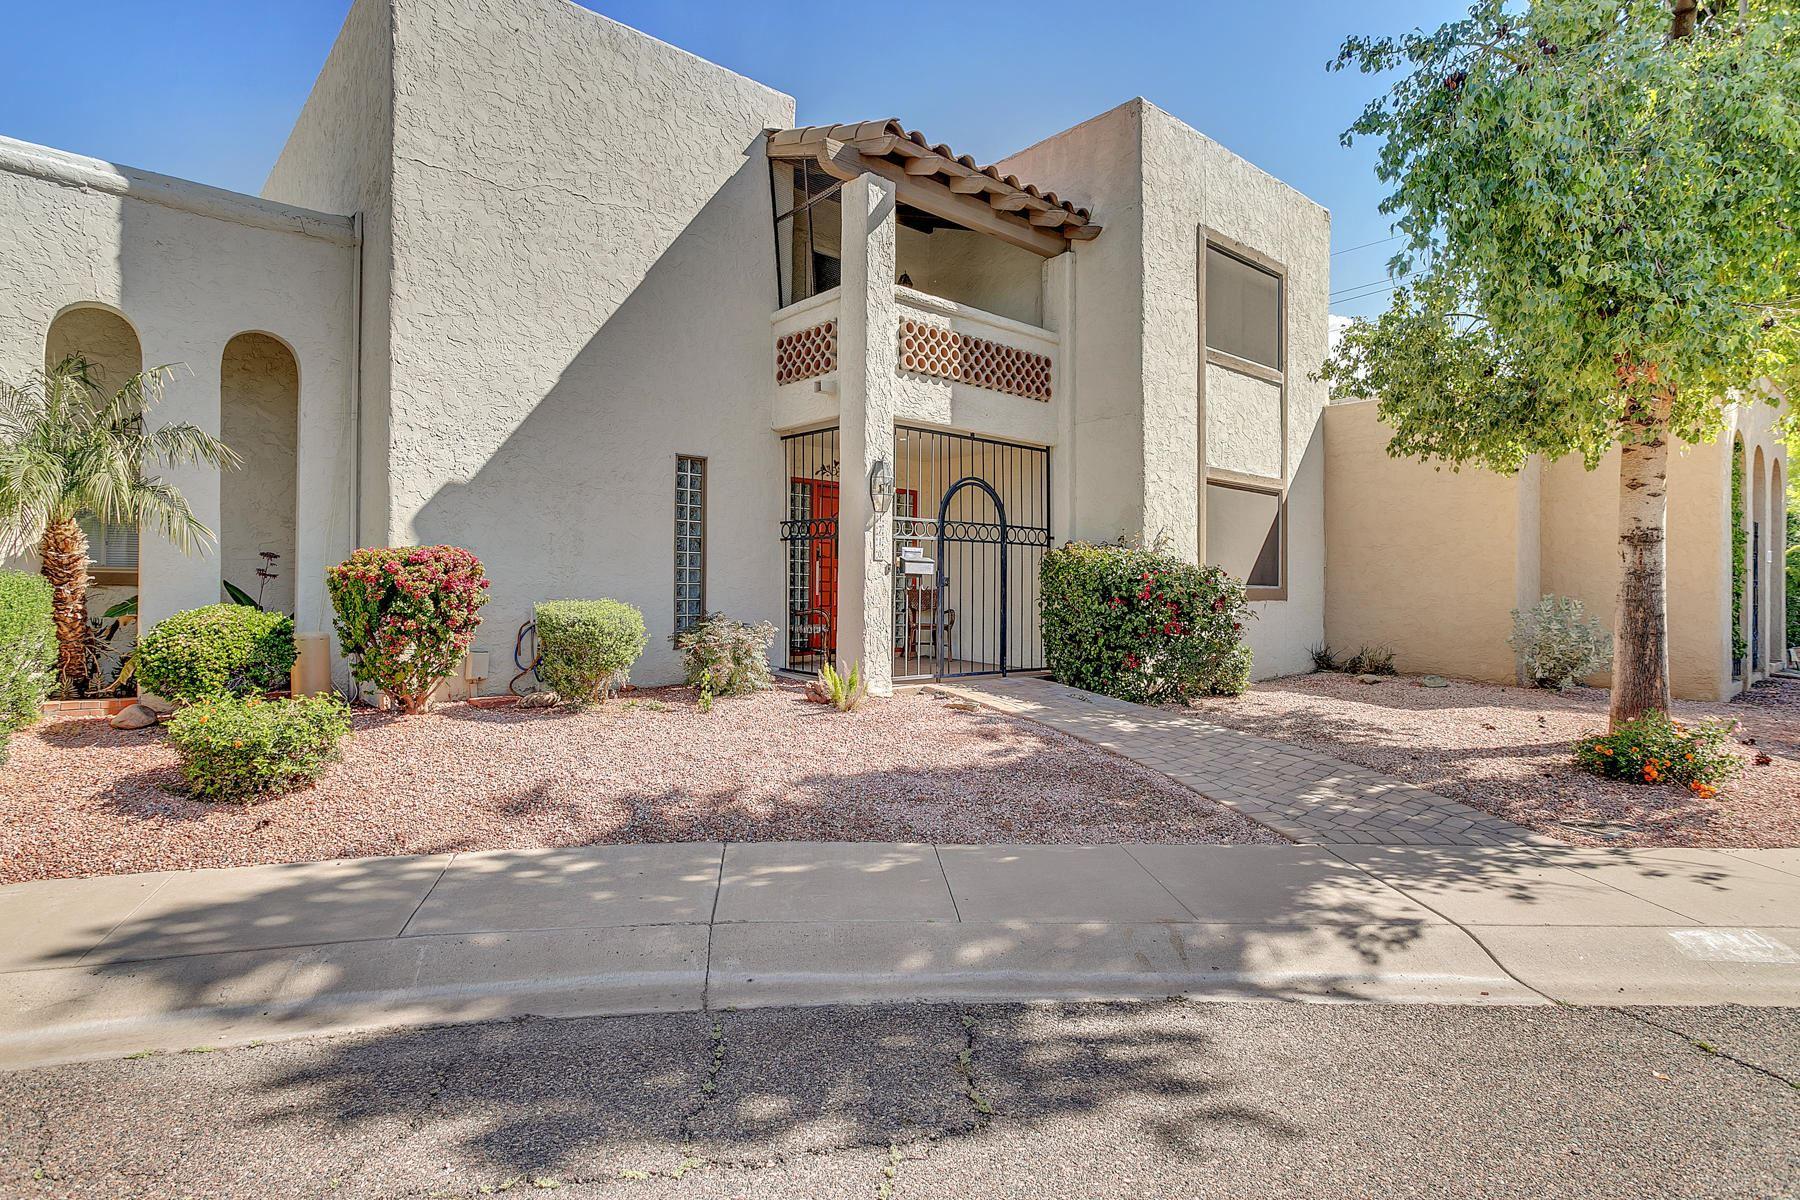 1710 W CLAREMONT Street, Phoenix, AZ 85015 - MLS#: 6233149